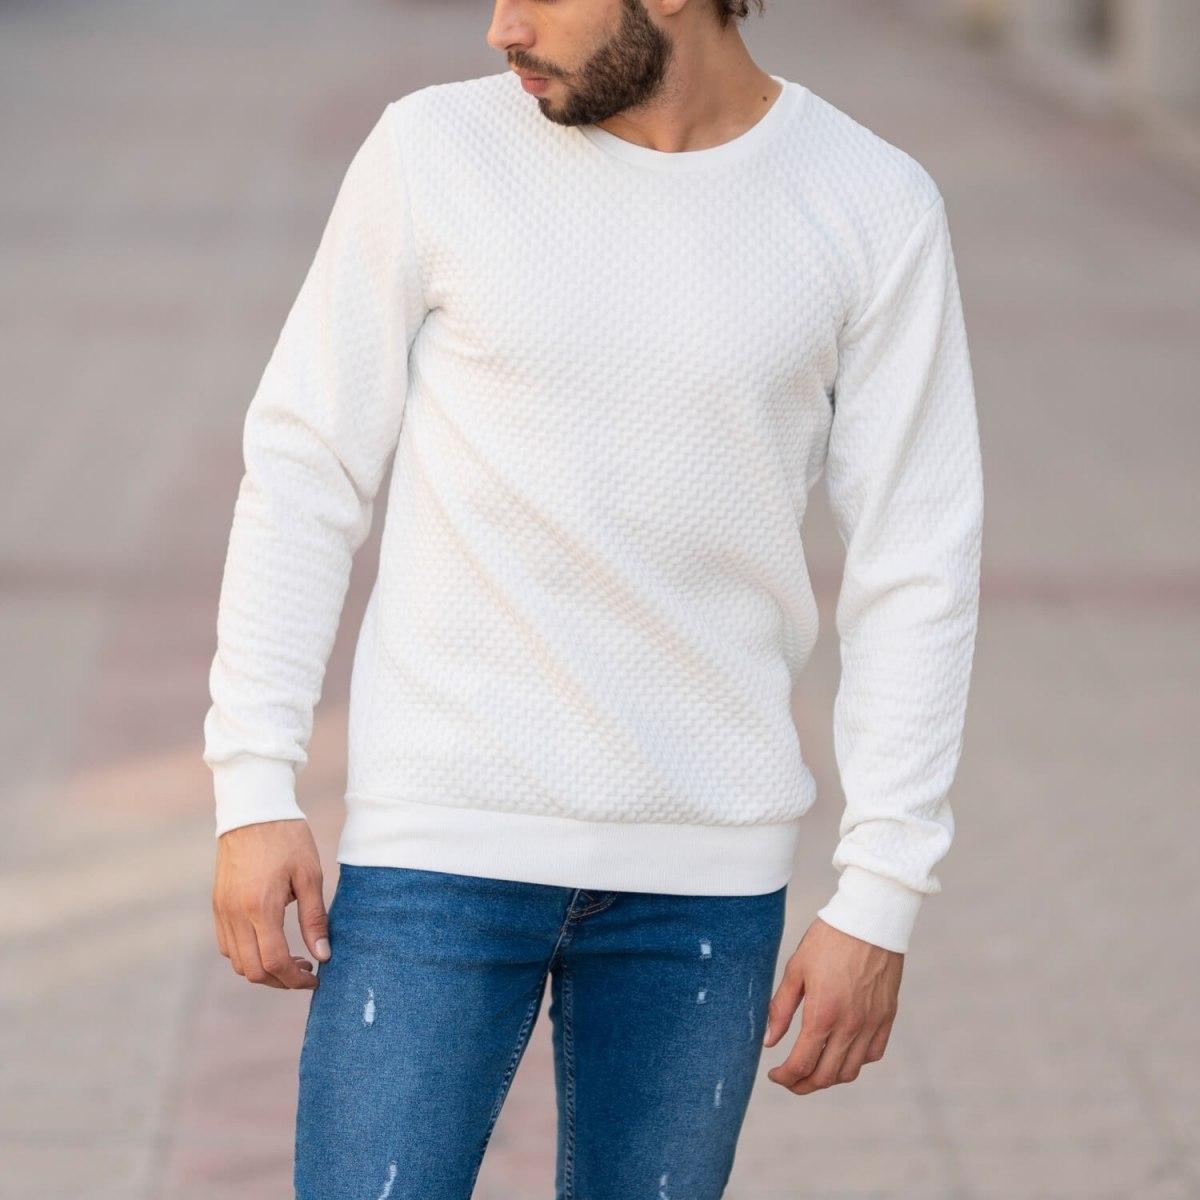 Casual SweatShirt in White Mv Premium Brand - 4